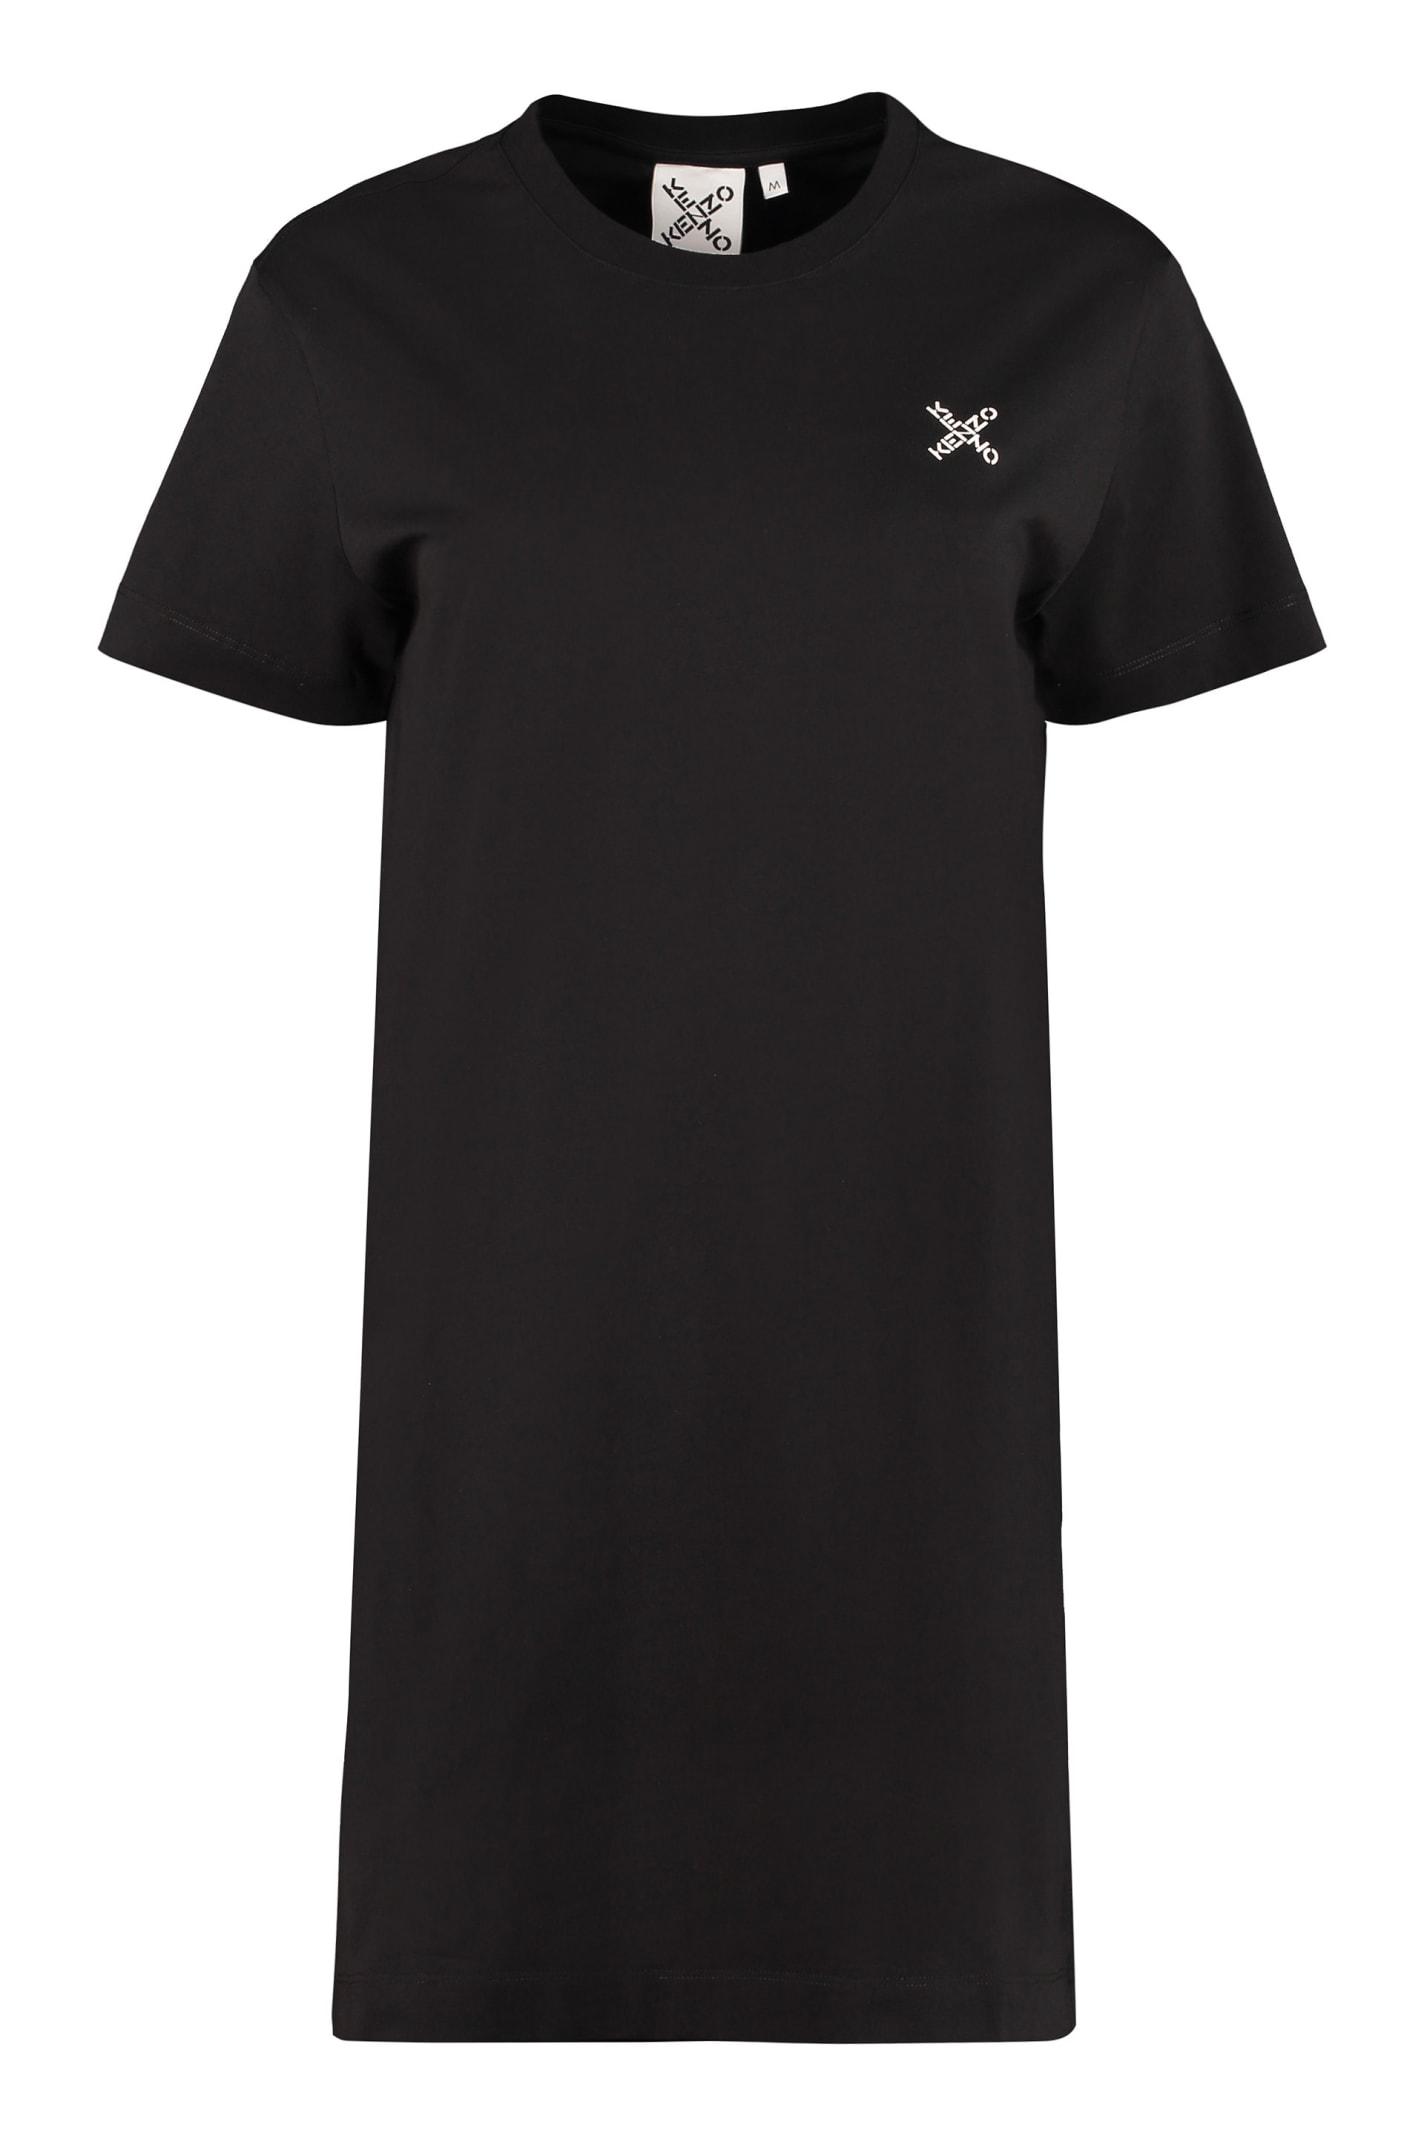 Buy Kenzo Cotton T-shirt Dress online, shop Kenzo with free shipping